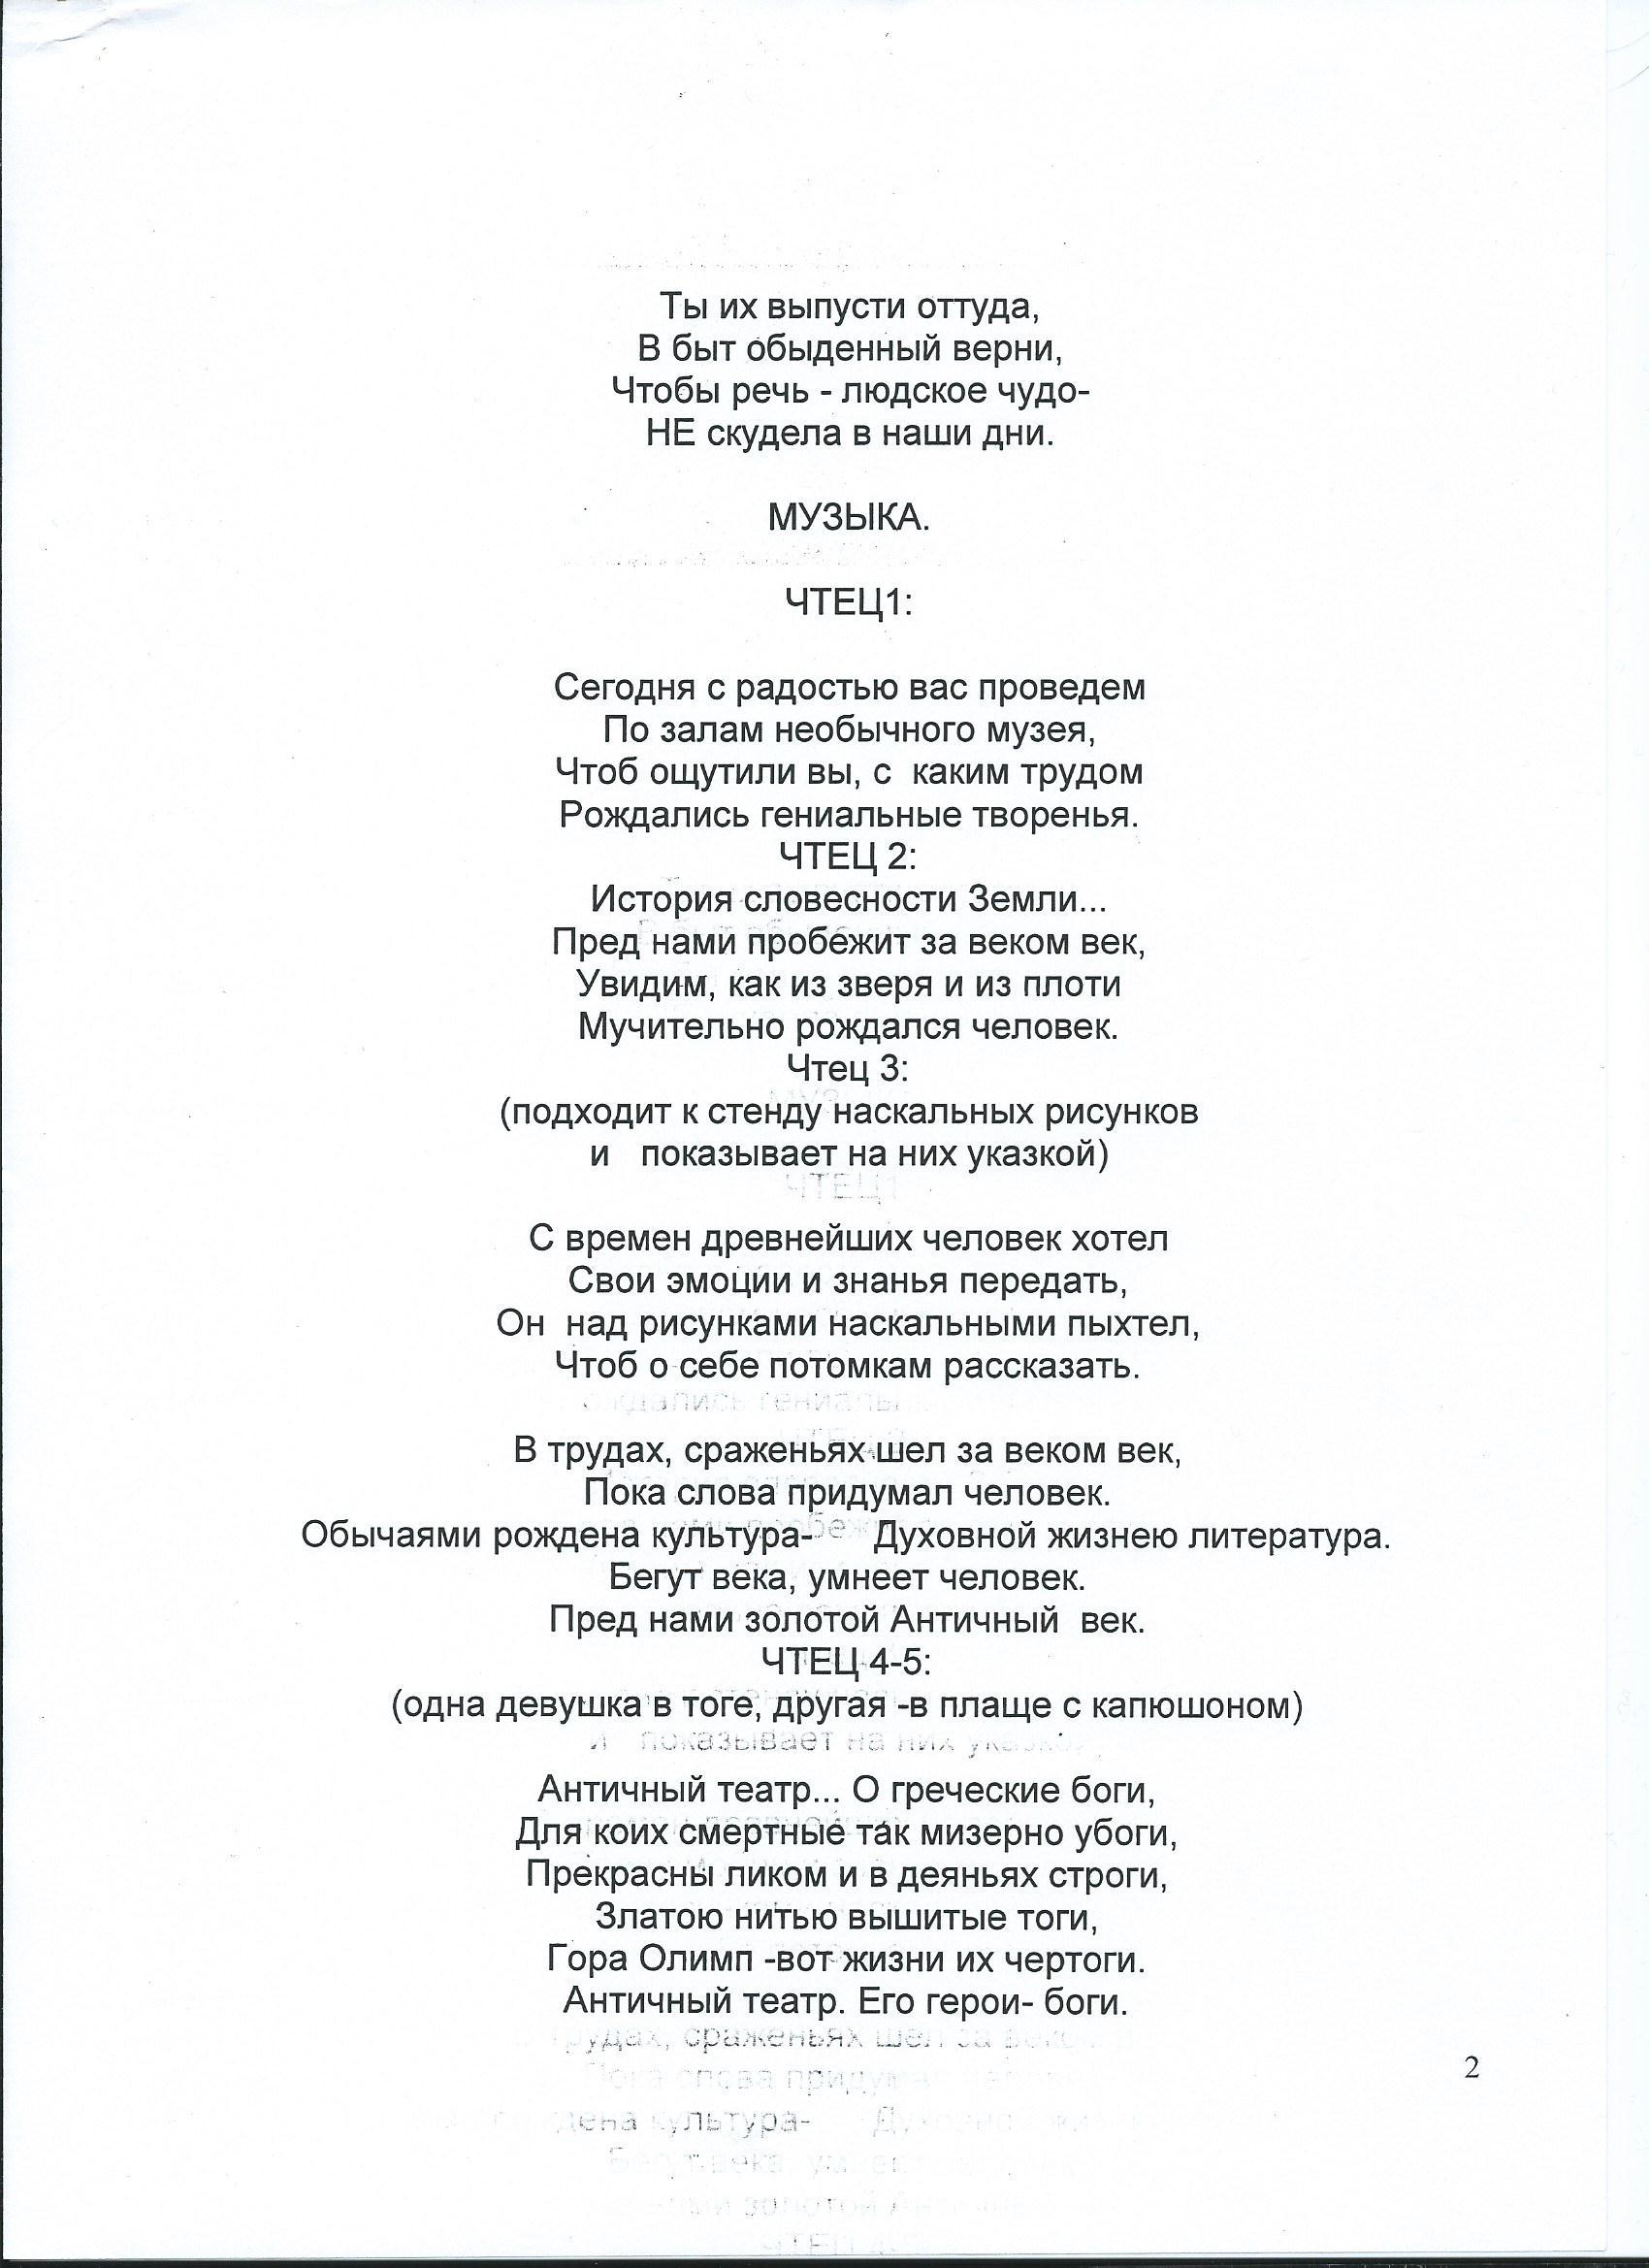 V:\Новая папка (2)\Scan0002.jpg